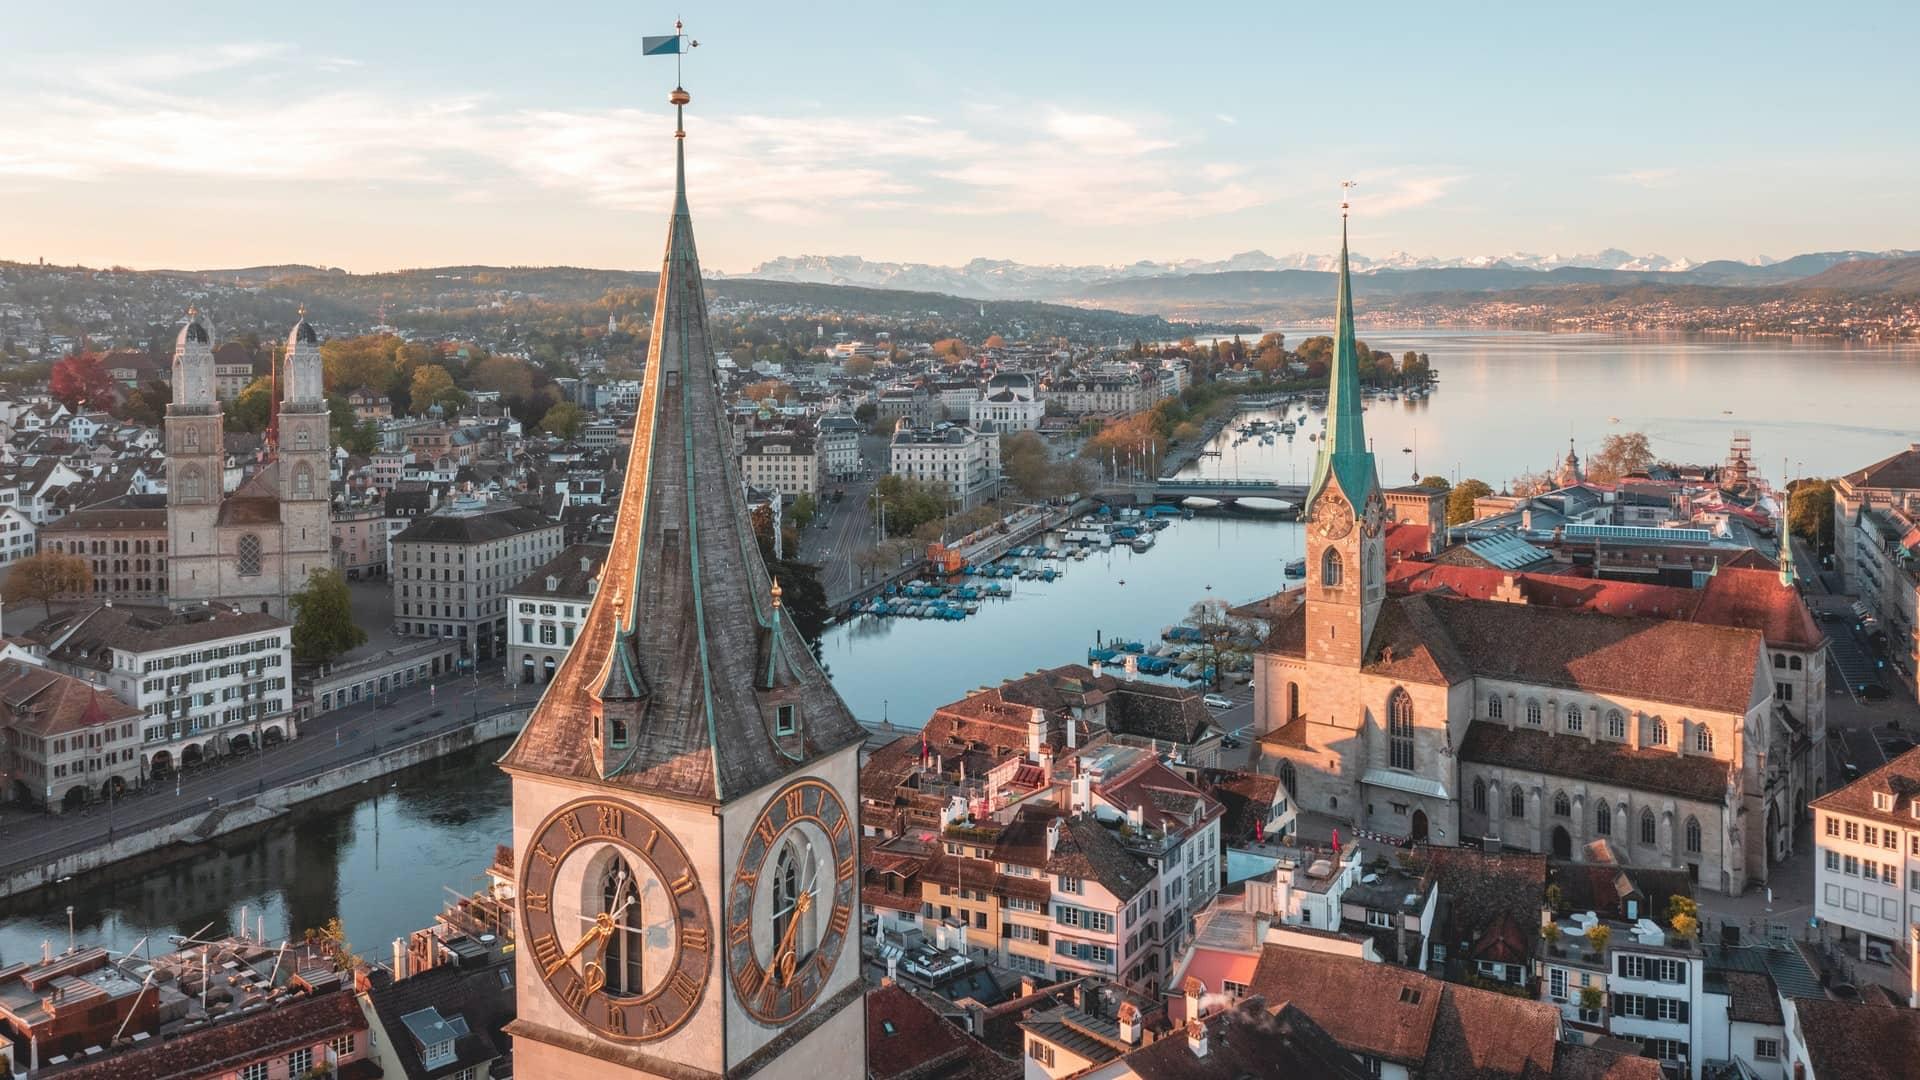 Zurich city image